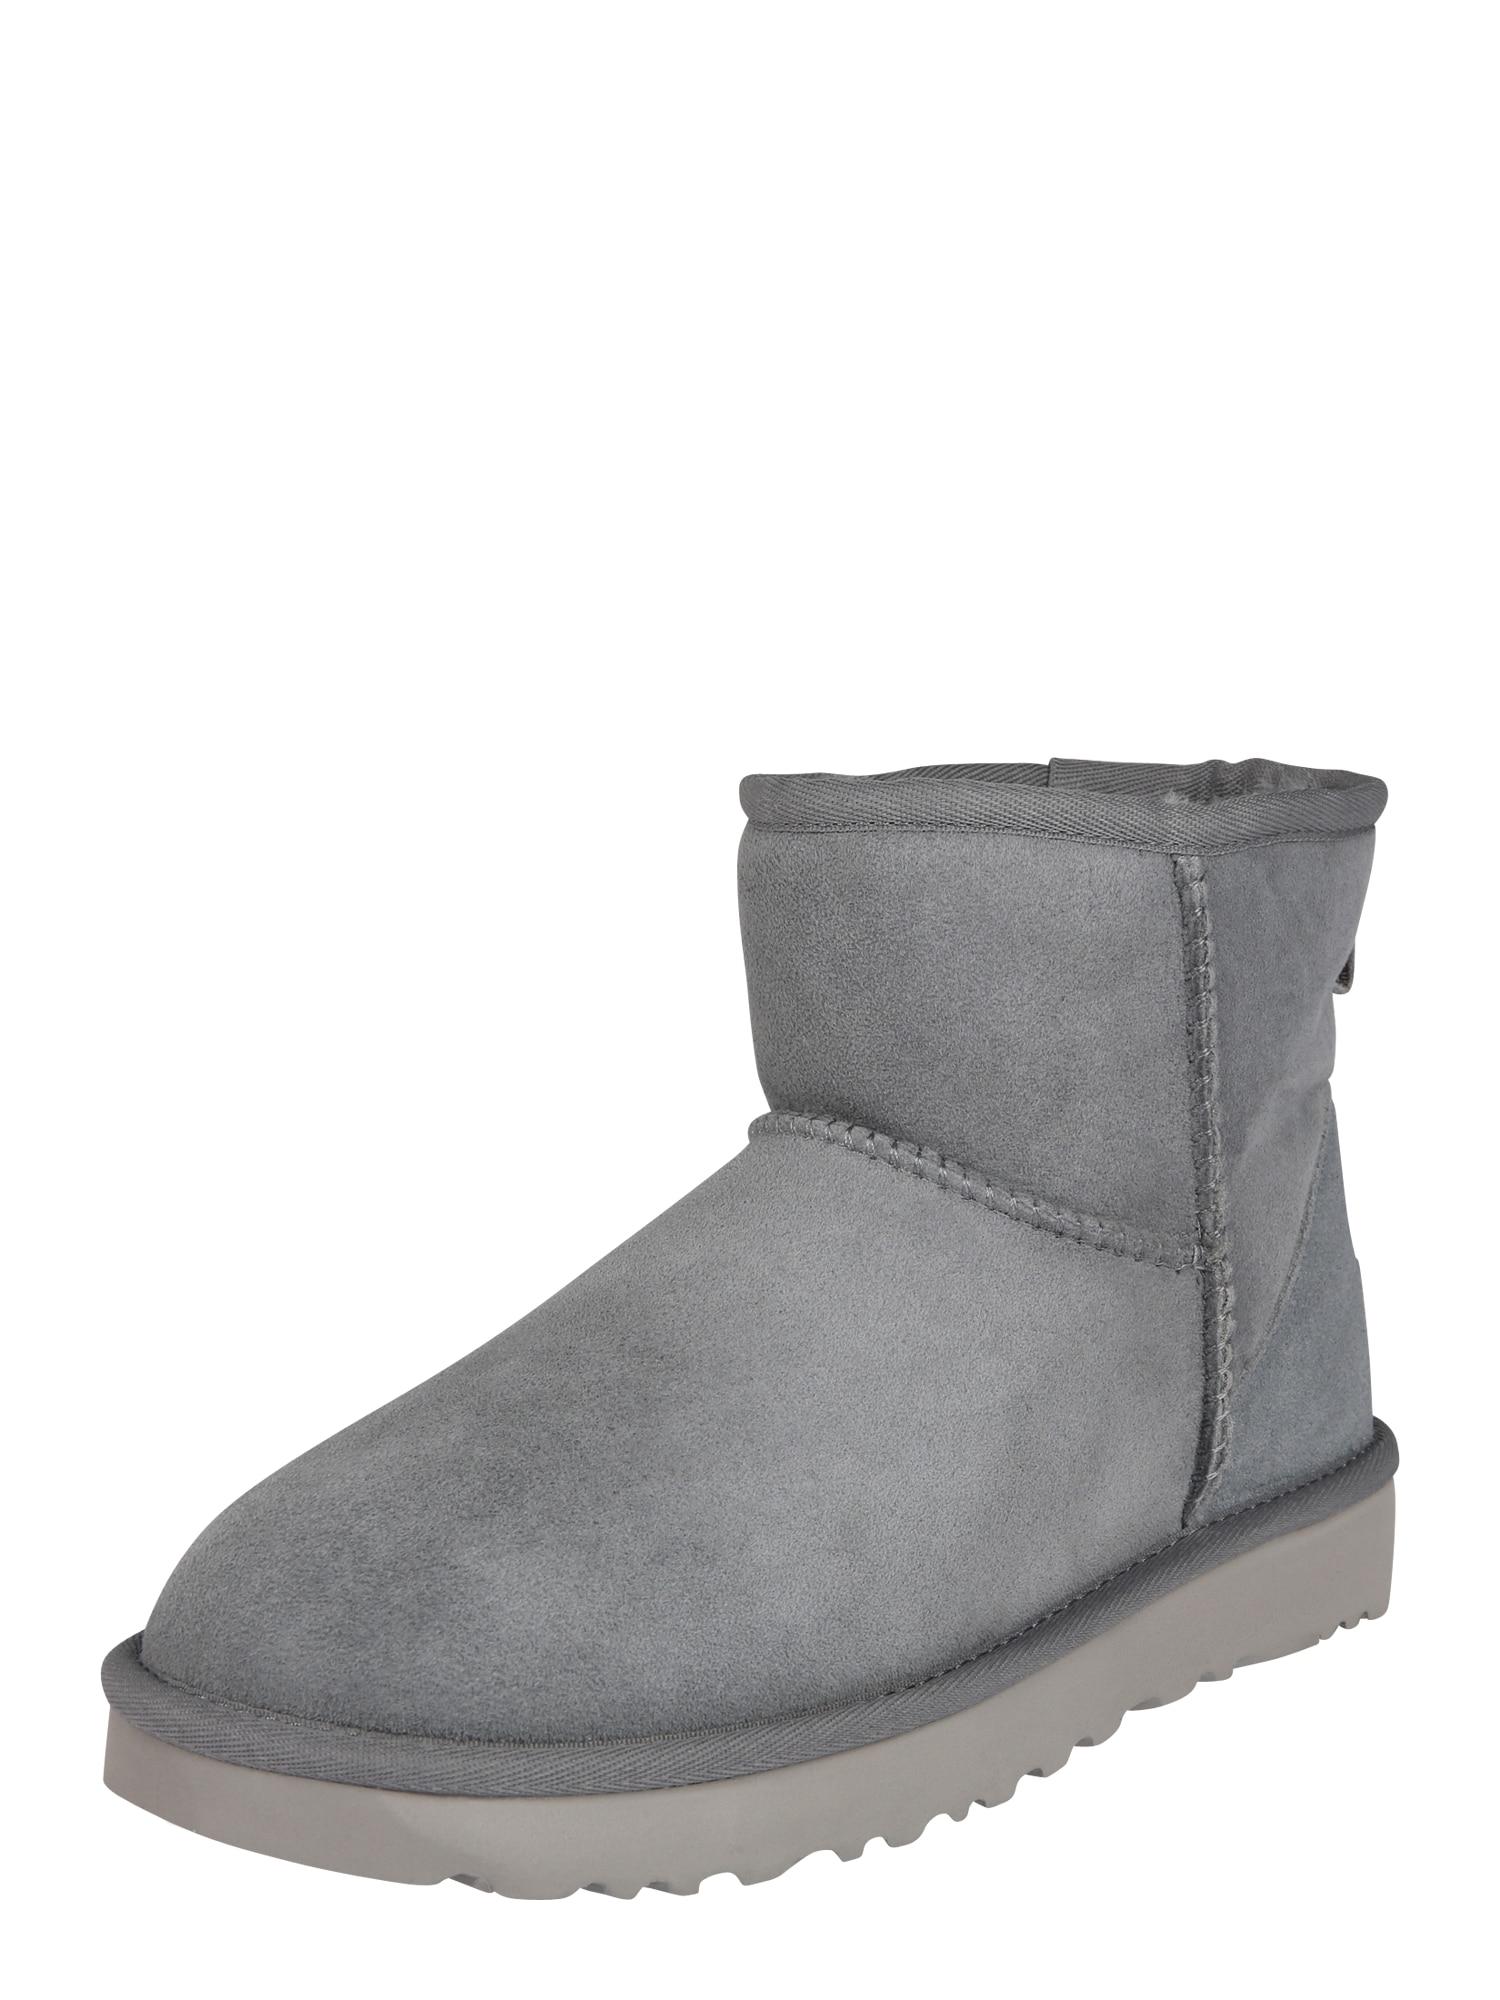 Winterstiefeletten | Schuhe > Stiefeletten > Winterstiefeletten | Hellgrau | Ugg